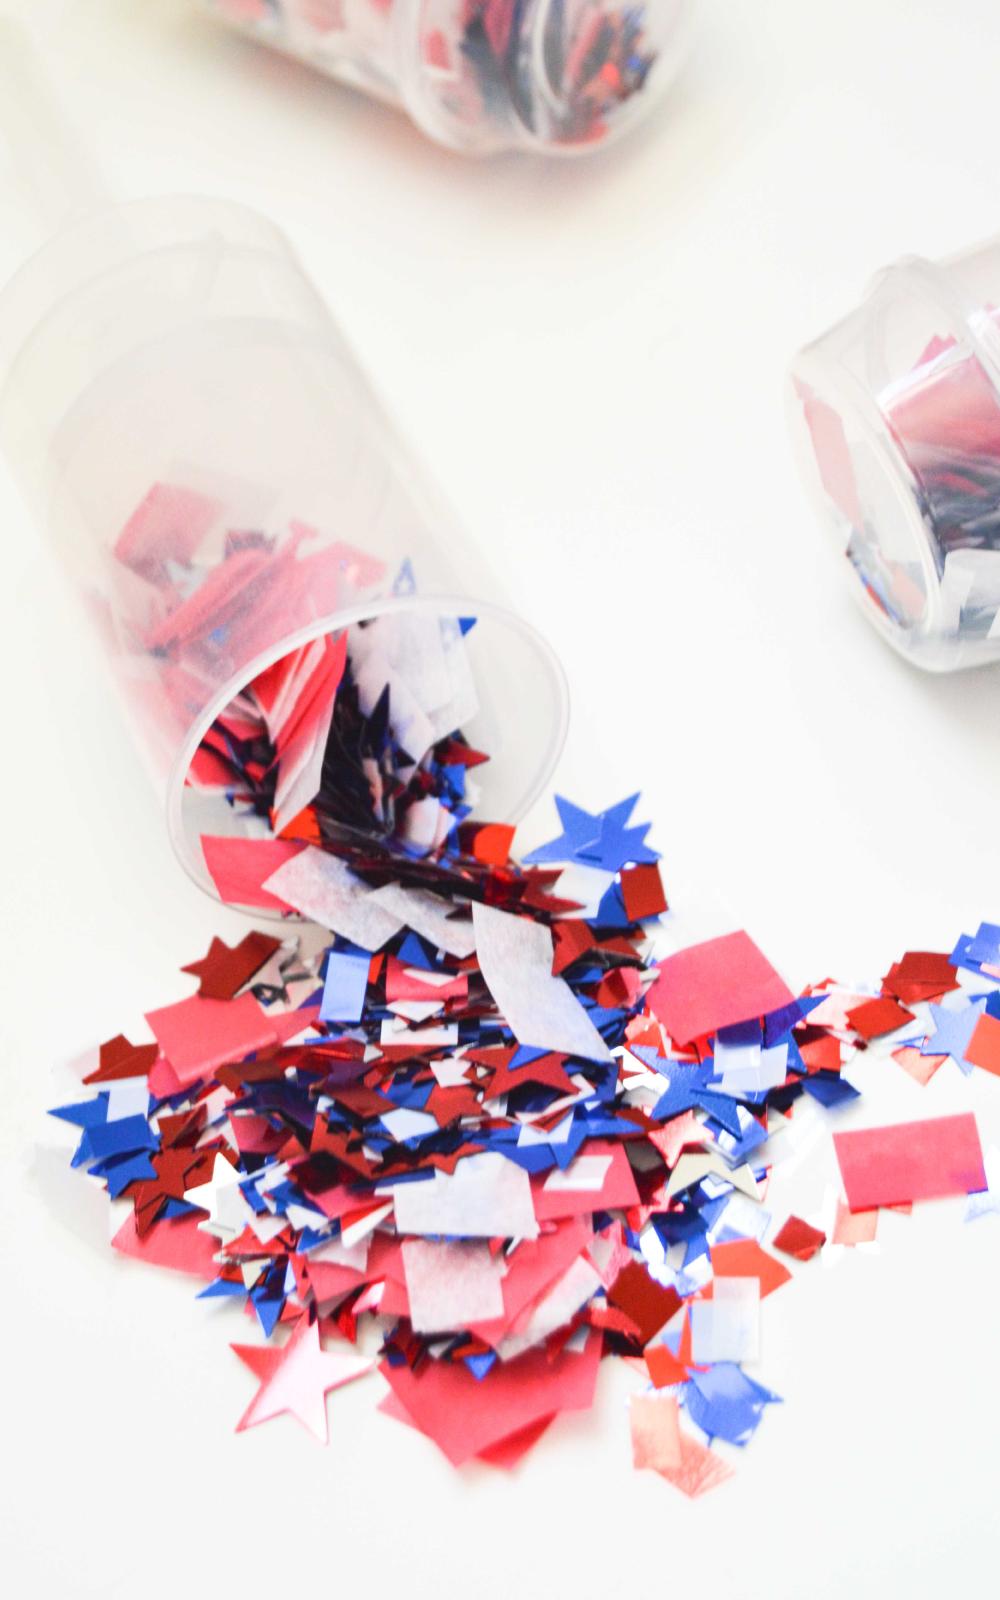 DIY Confetti Bombs / www.clubcrafted.com